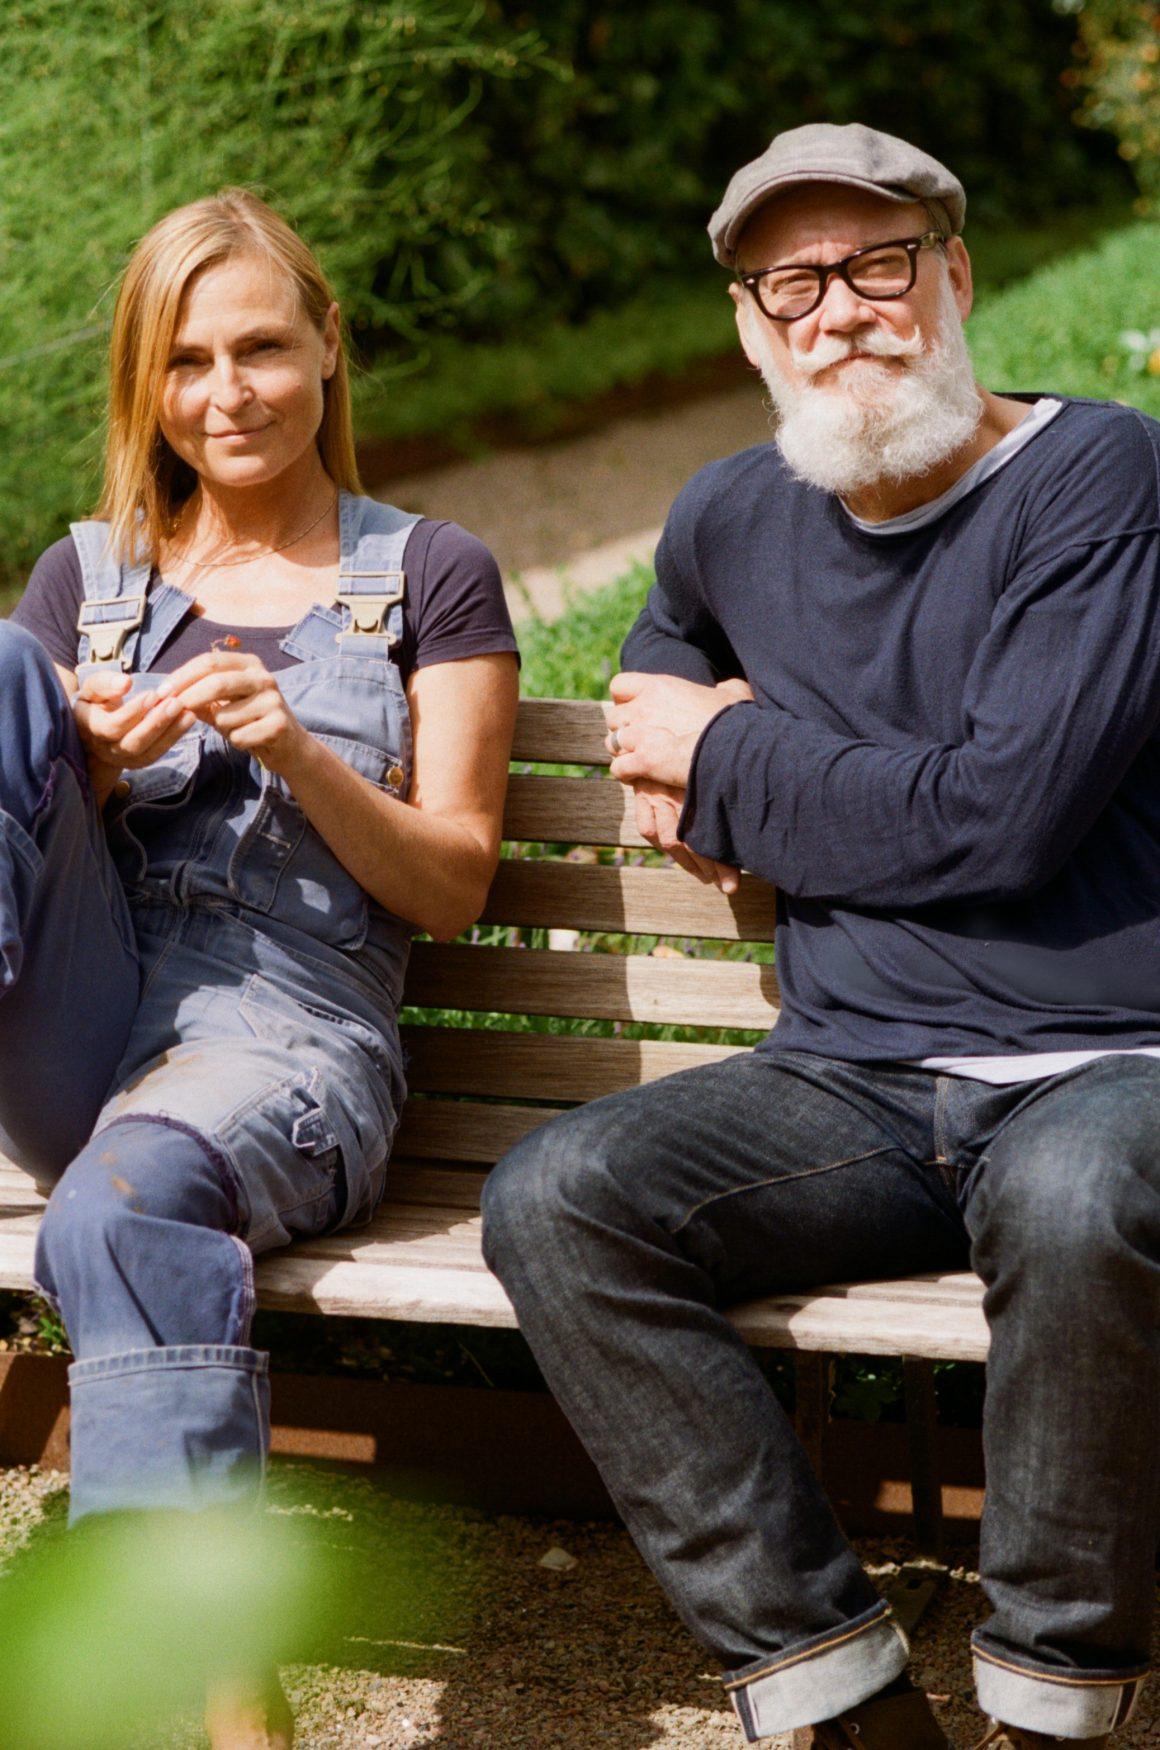 Mats Johansson et Monica Kylén, fondateurs de L:A Bruket